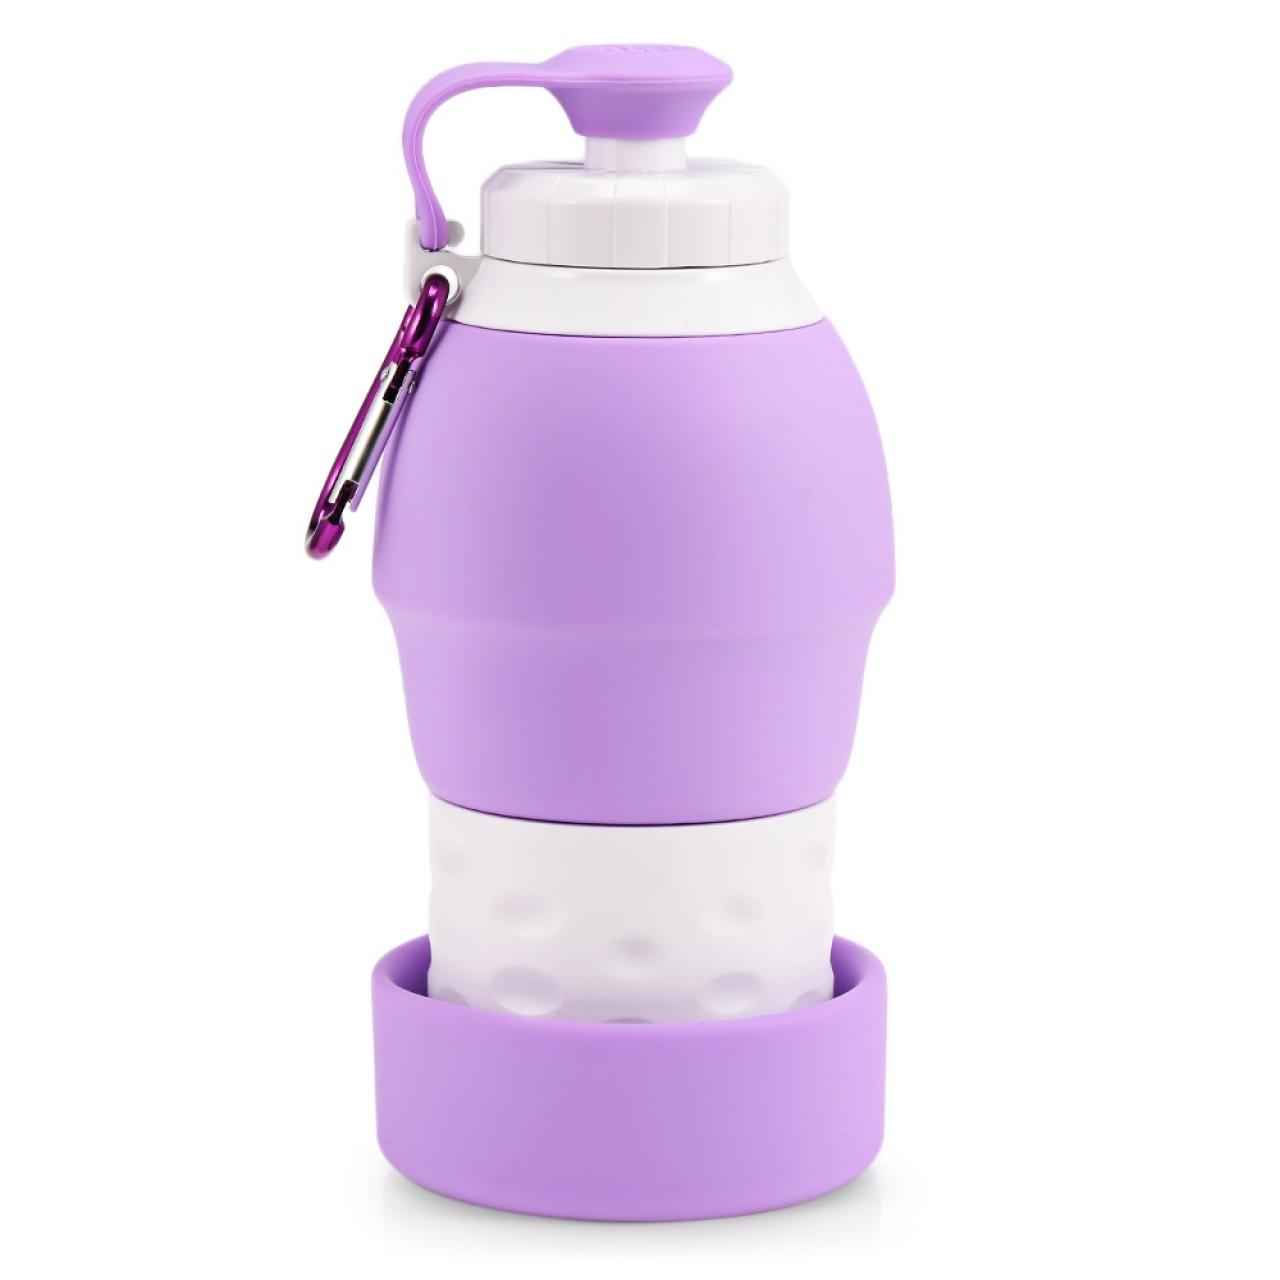 Μωβ Πτυσσόμενο Μπουκάλι Νερού Από Σιλικόνη - 3791